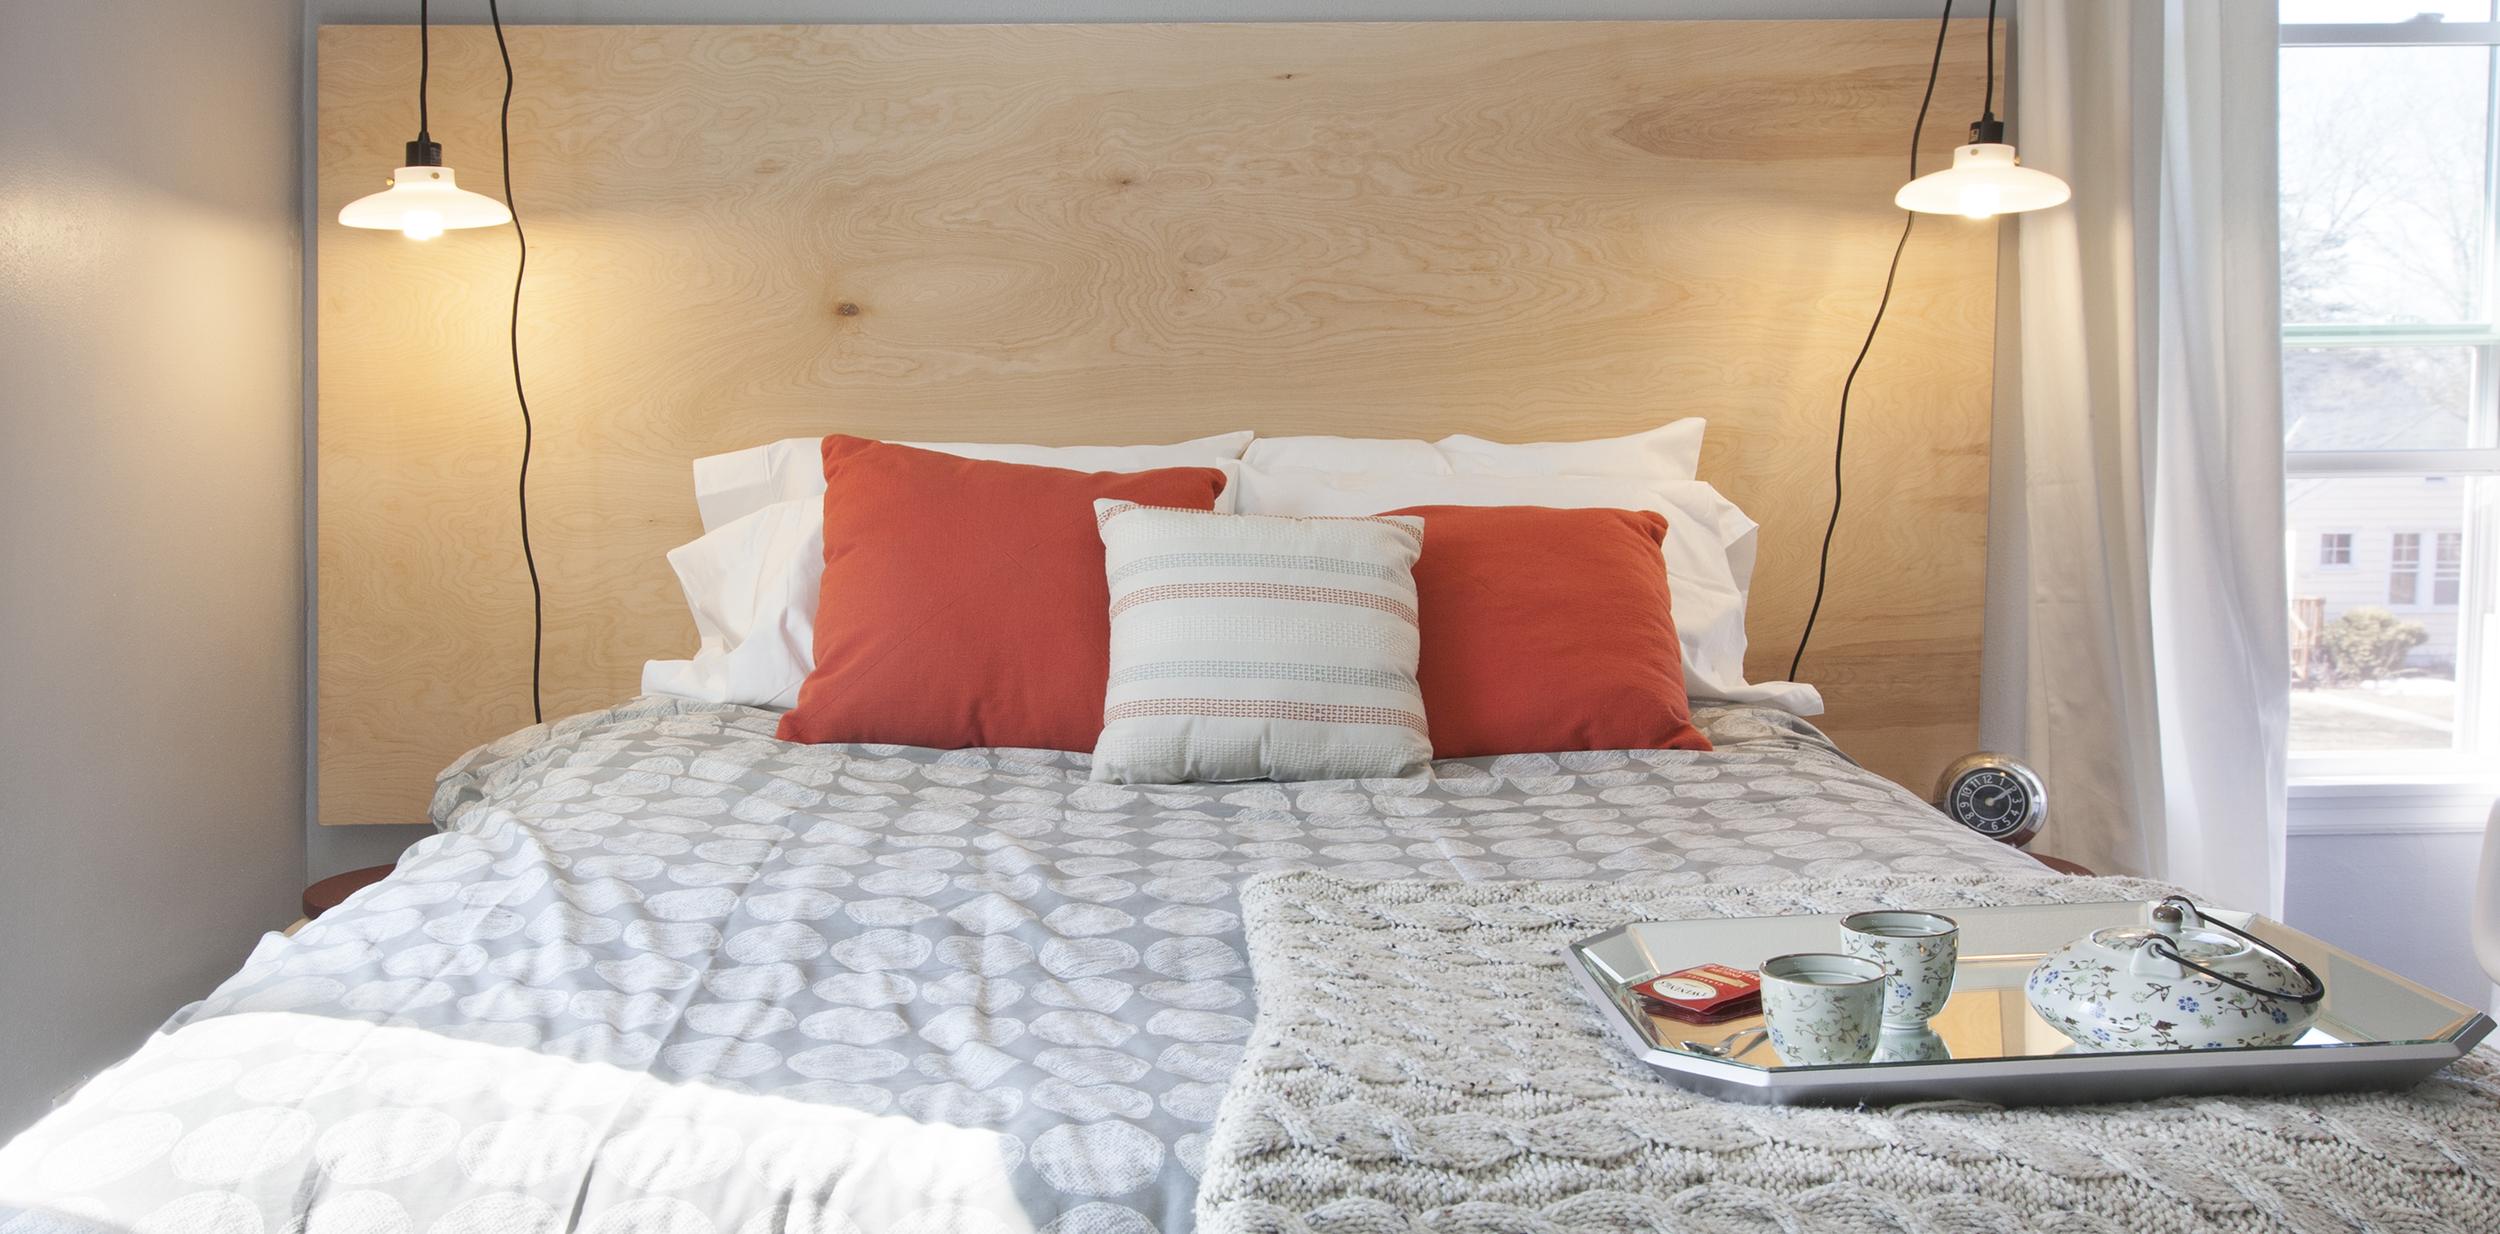 JZID-Guest-Bedroom_Bed headboard detail.jpg